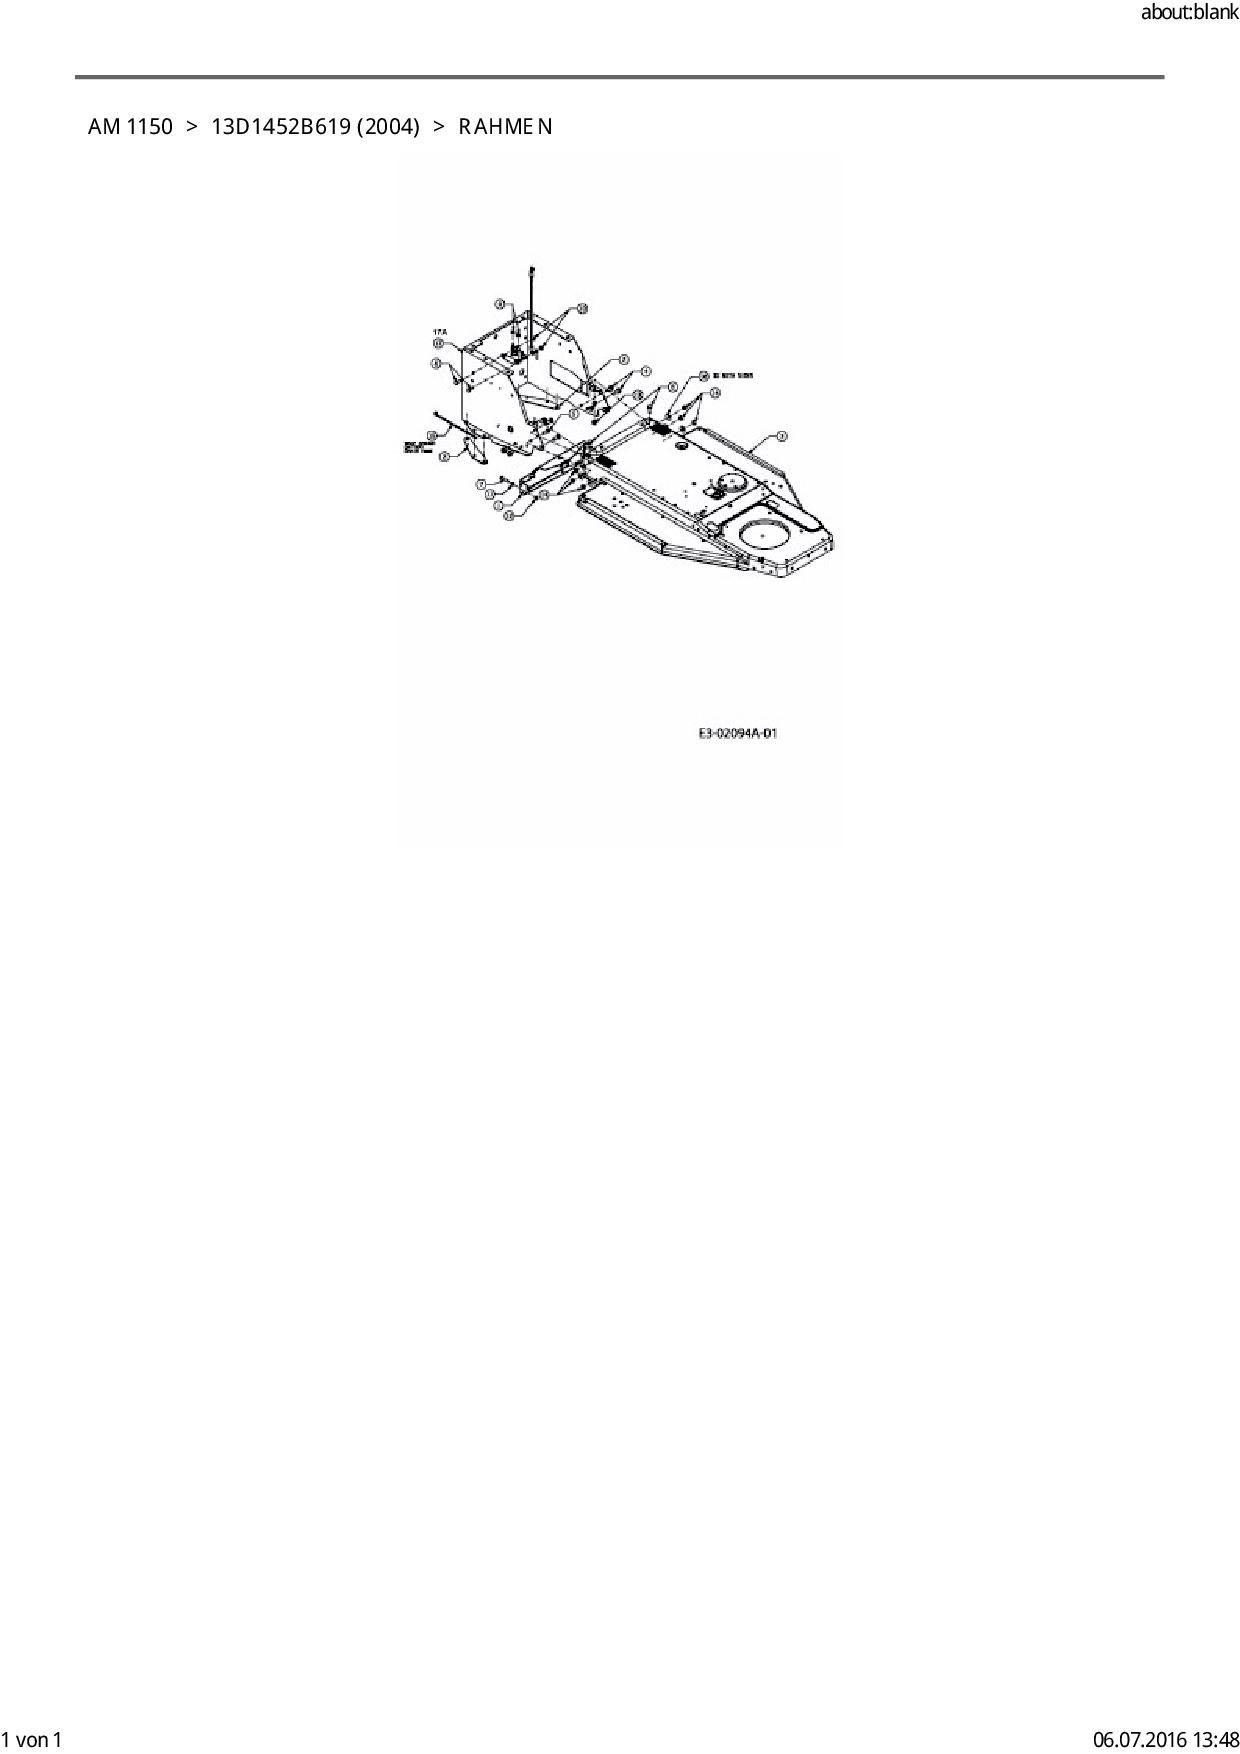 Ersatzteile von FLEURELLE Rasentraktor AM 1150 aus der Zeichnung Rahm